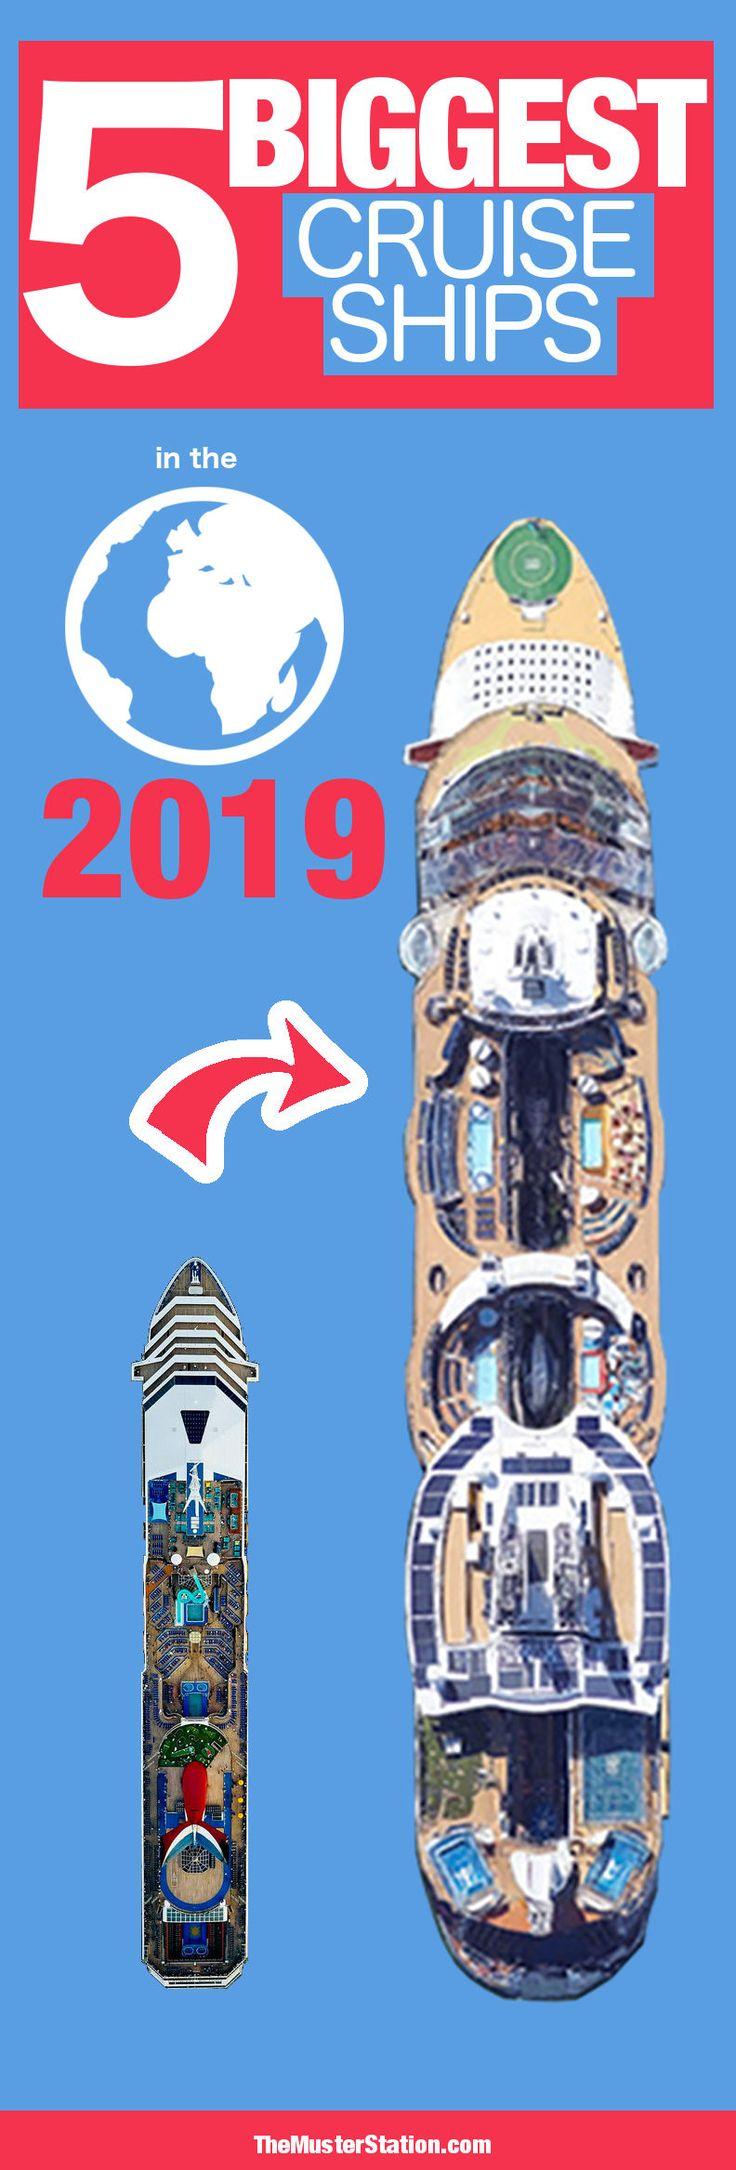 970 Best Cruise Ships Images On Pinterest Cruise Vacation Cruise